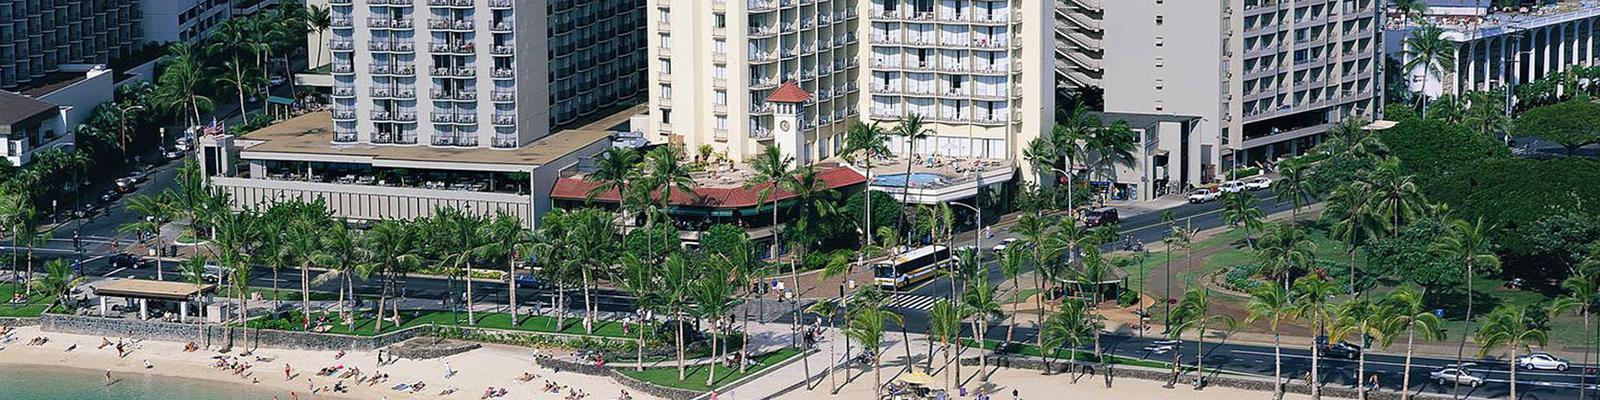 Shores Waikiki